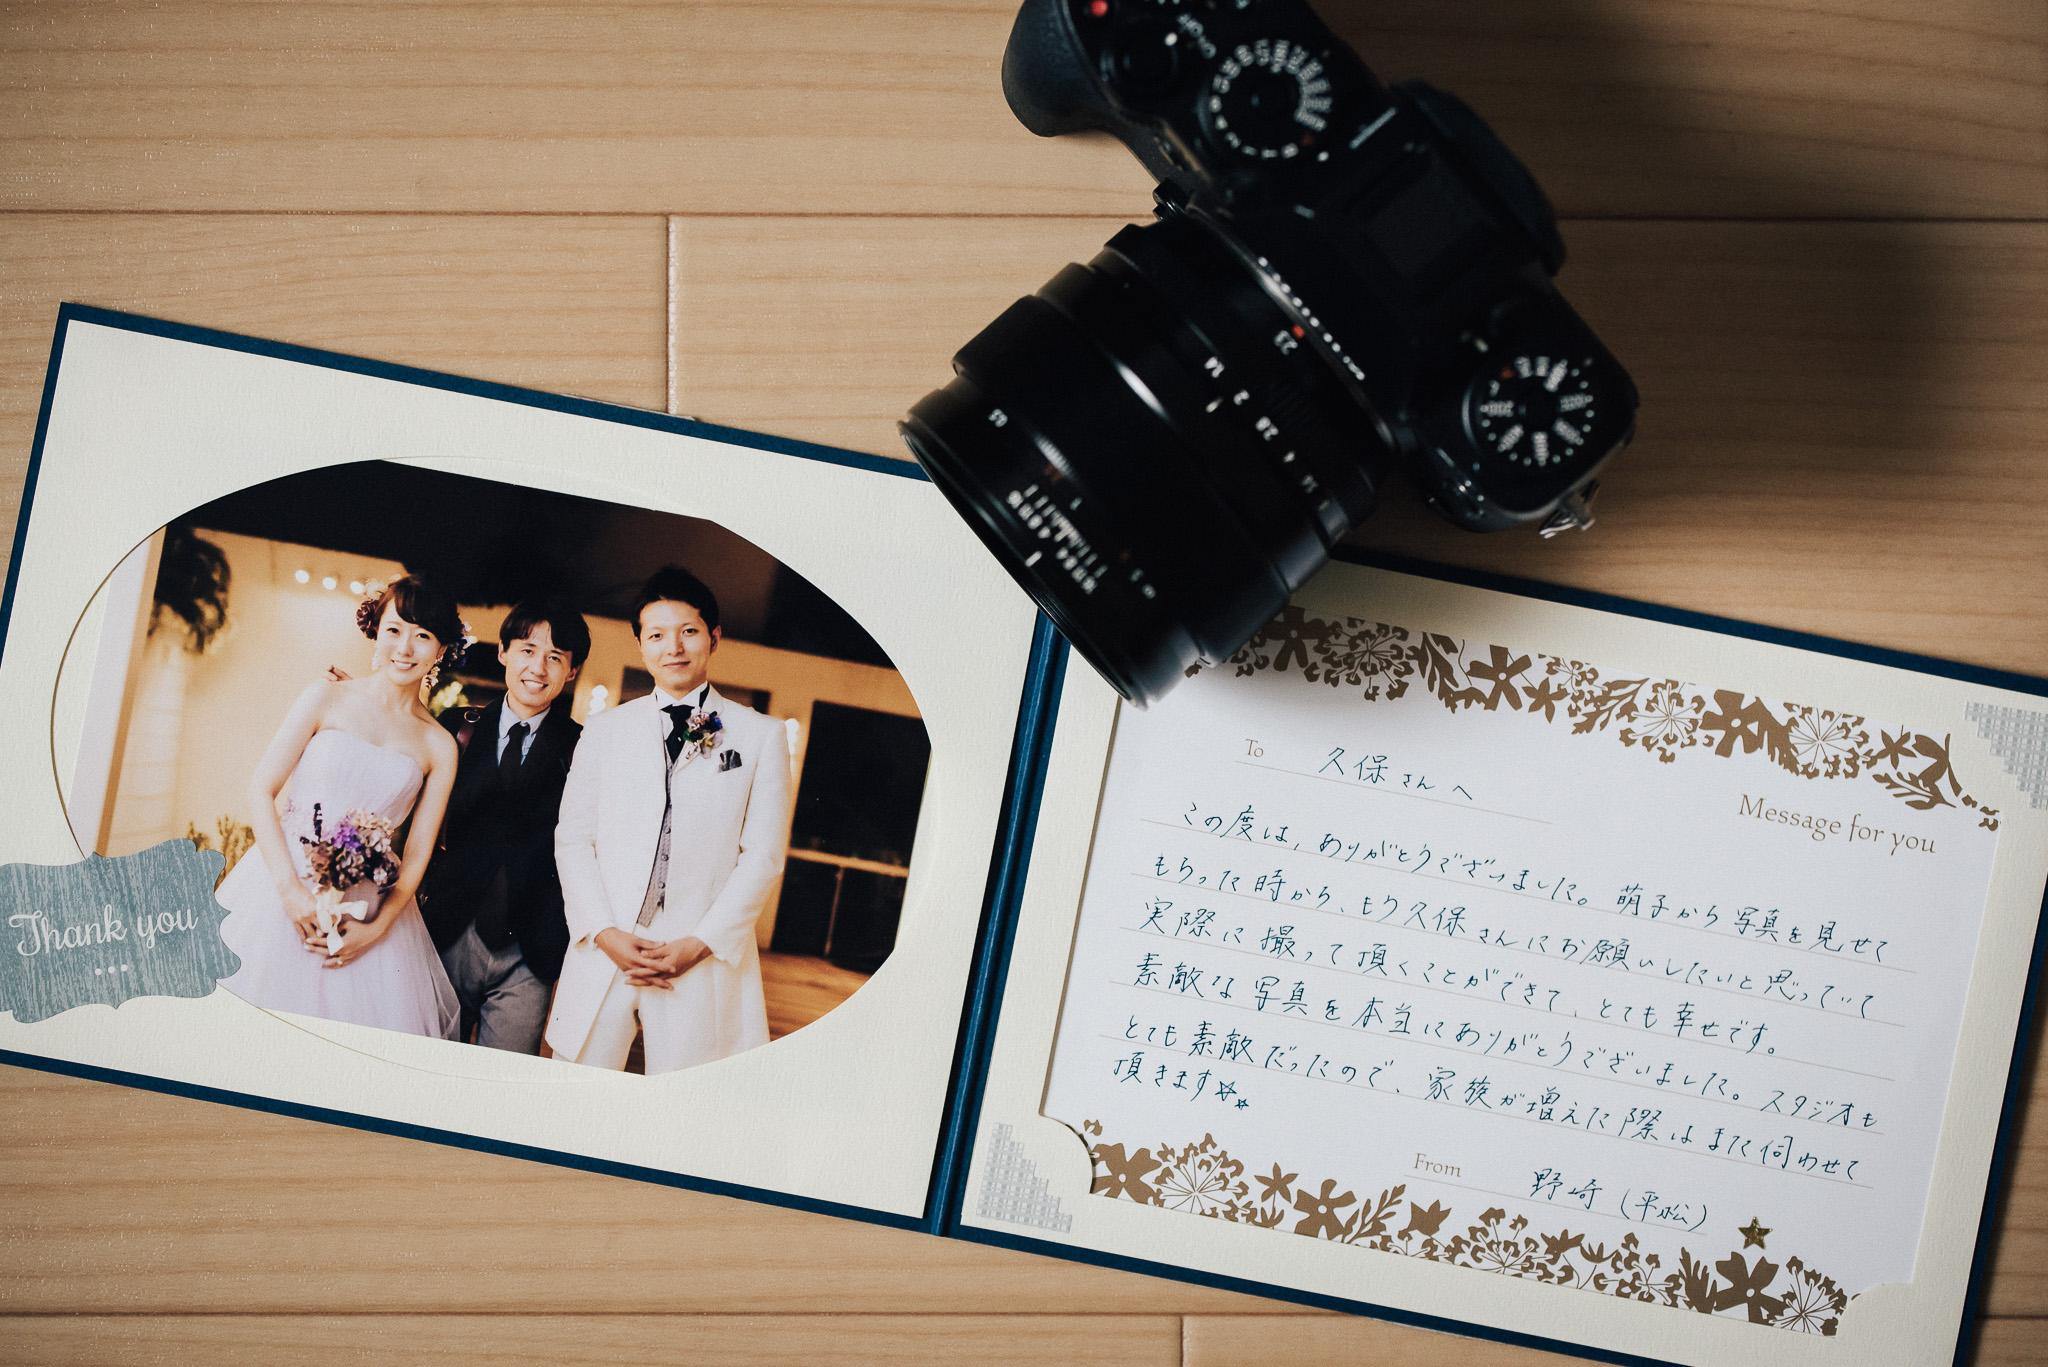 撮影後に届いた新郎新婦からのお礼のお手紙と写真は、ウェディングフォトグラファーにとって何よりの励みに。